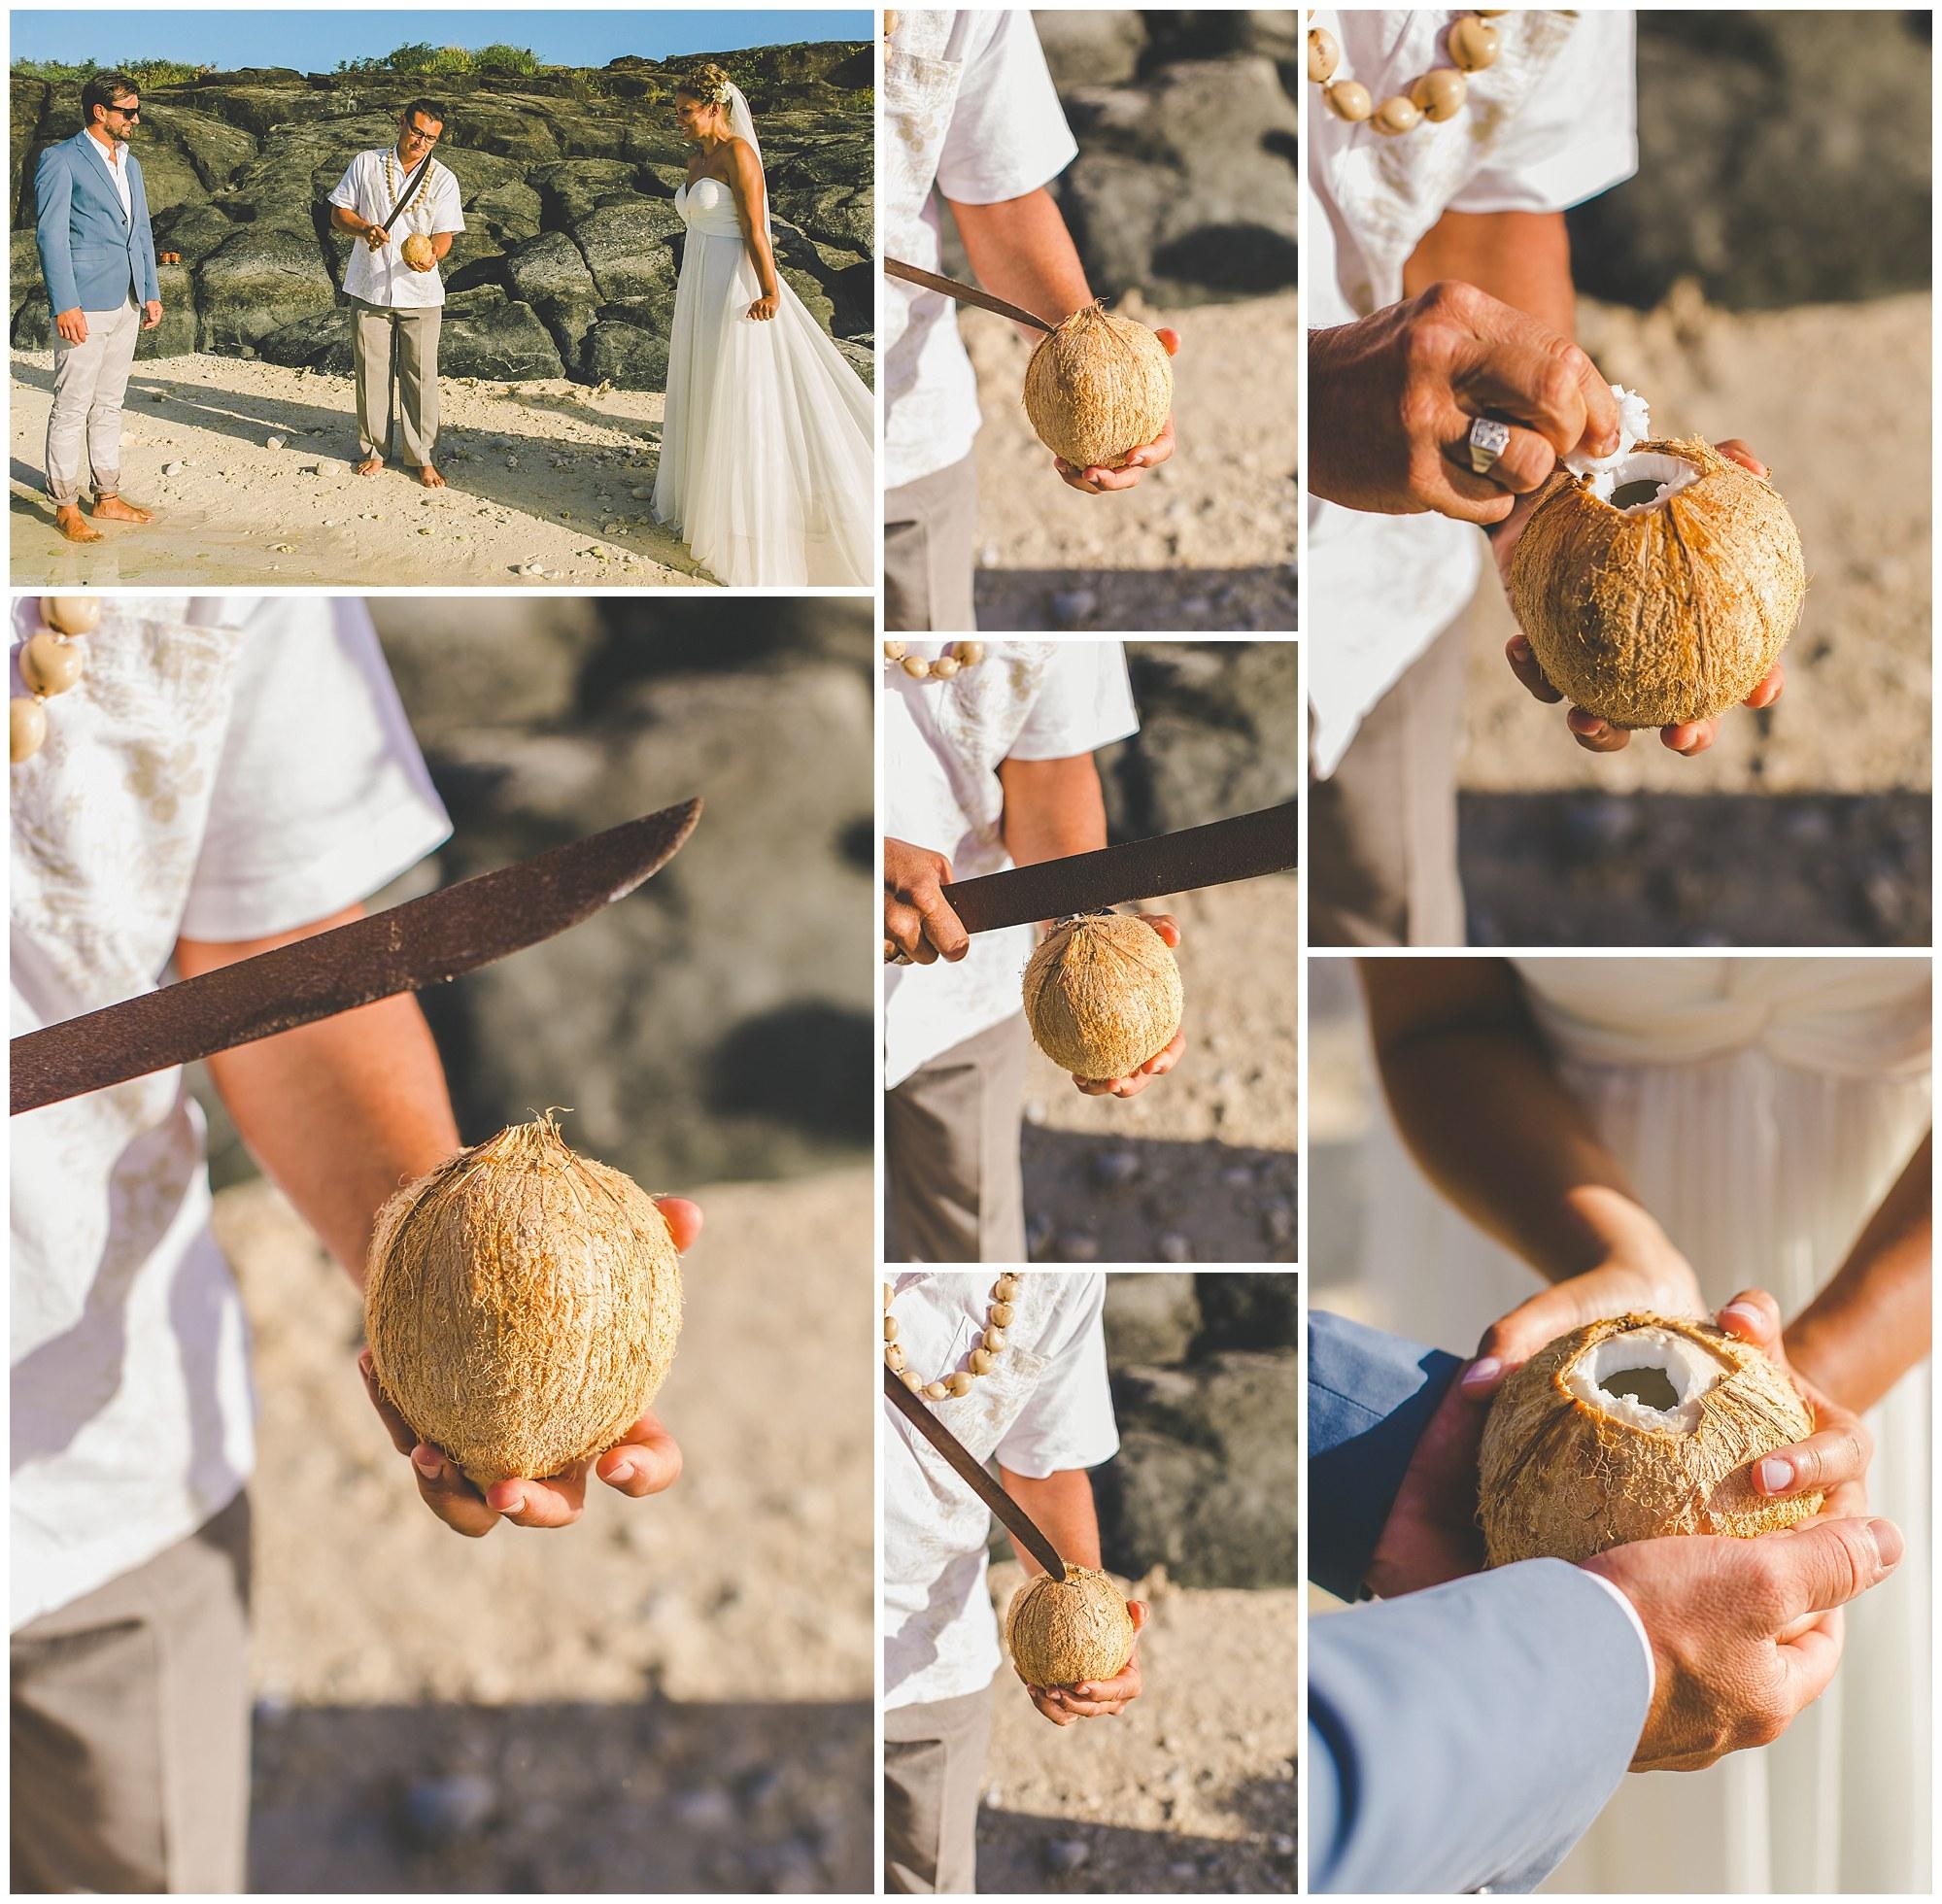 coconut cook islands